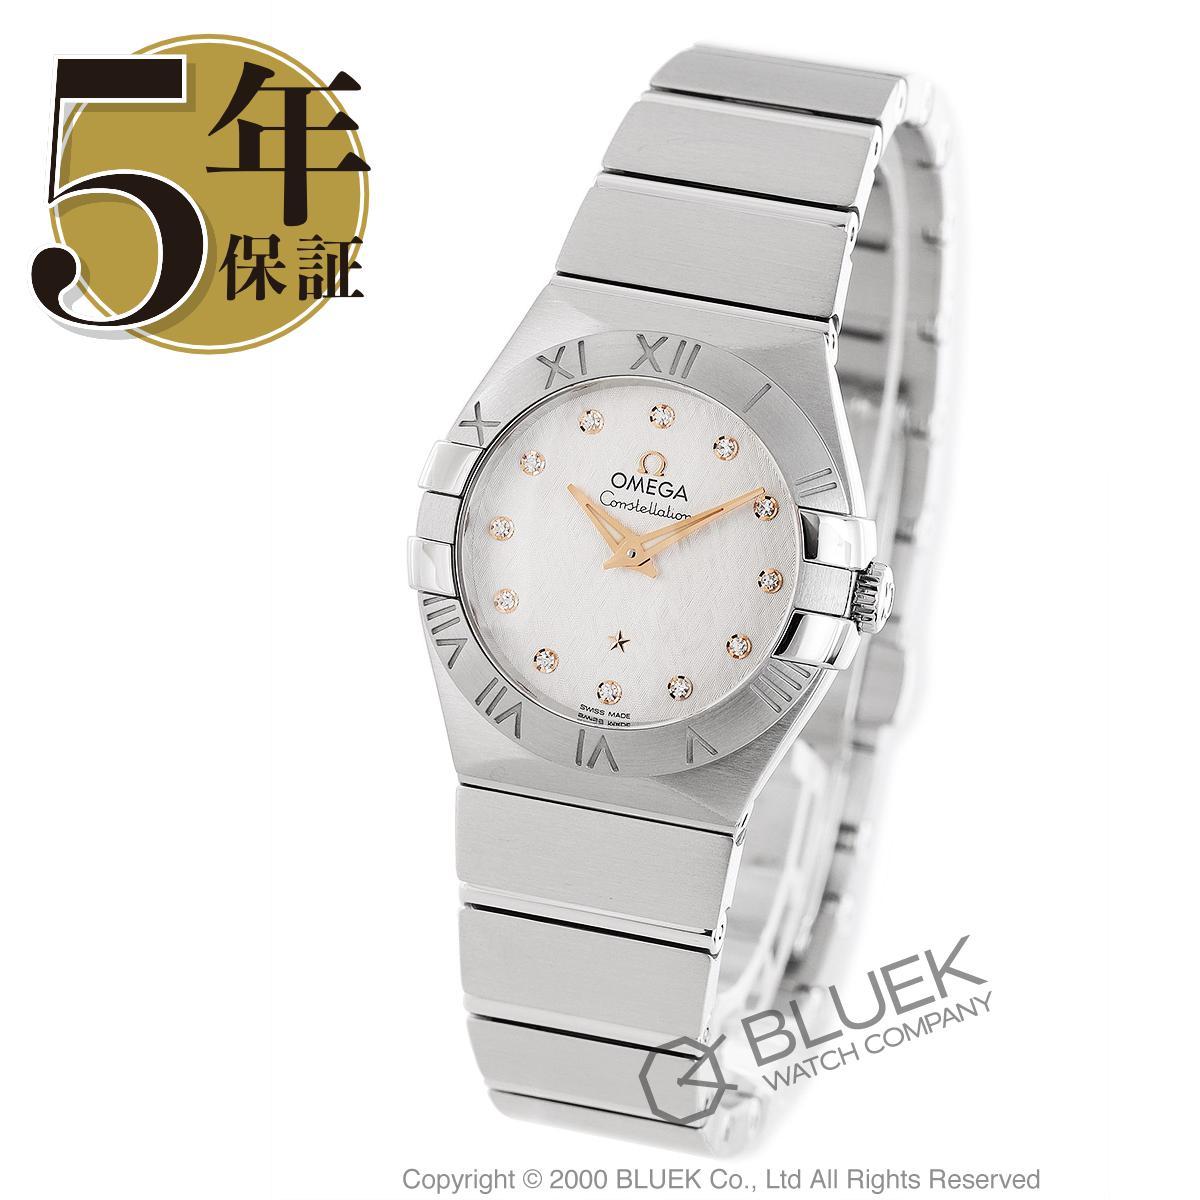 オメガ コンステレーション ダイヤ 腕時計 レディース OMEGA 123.10.27.60.52.001_5